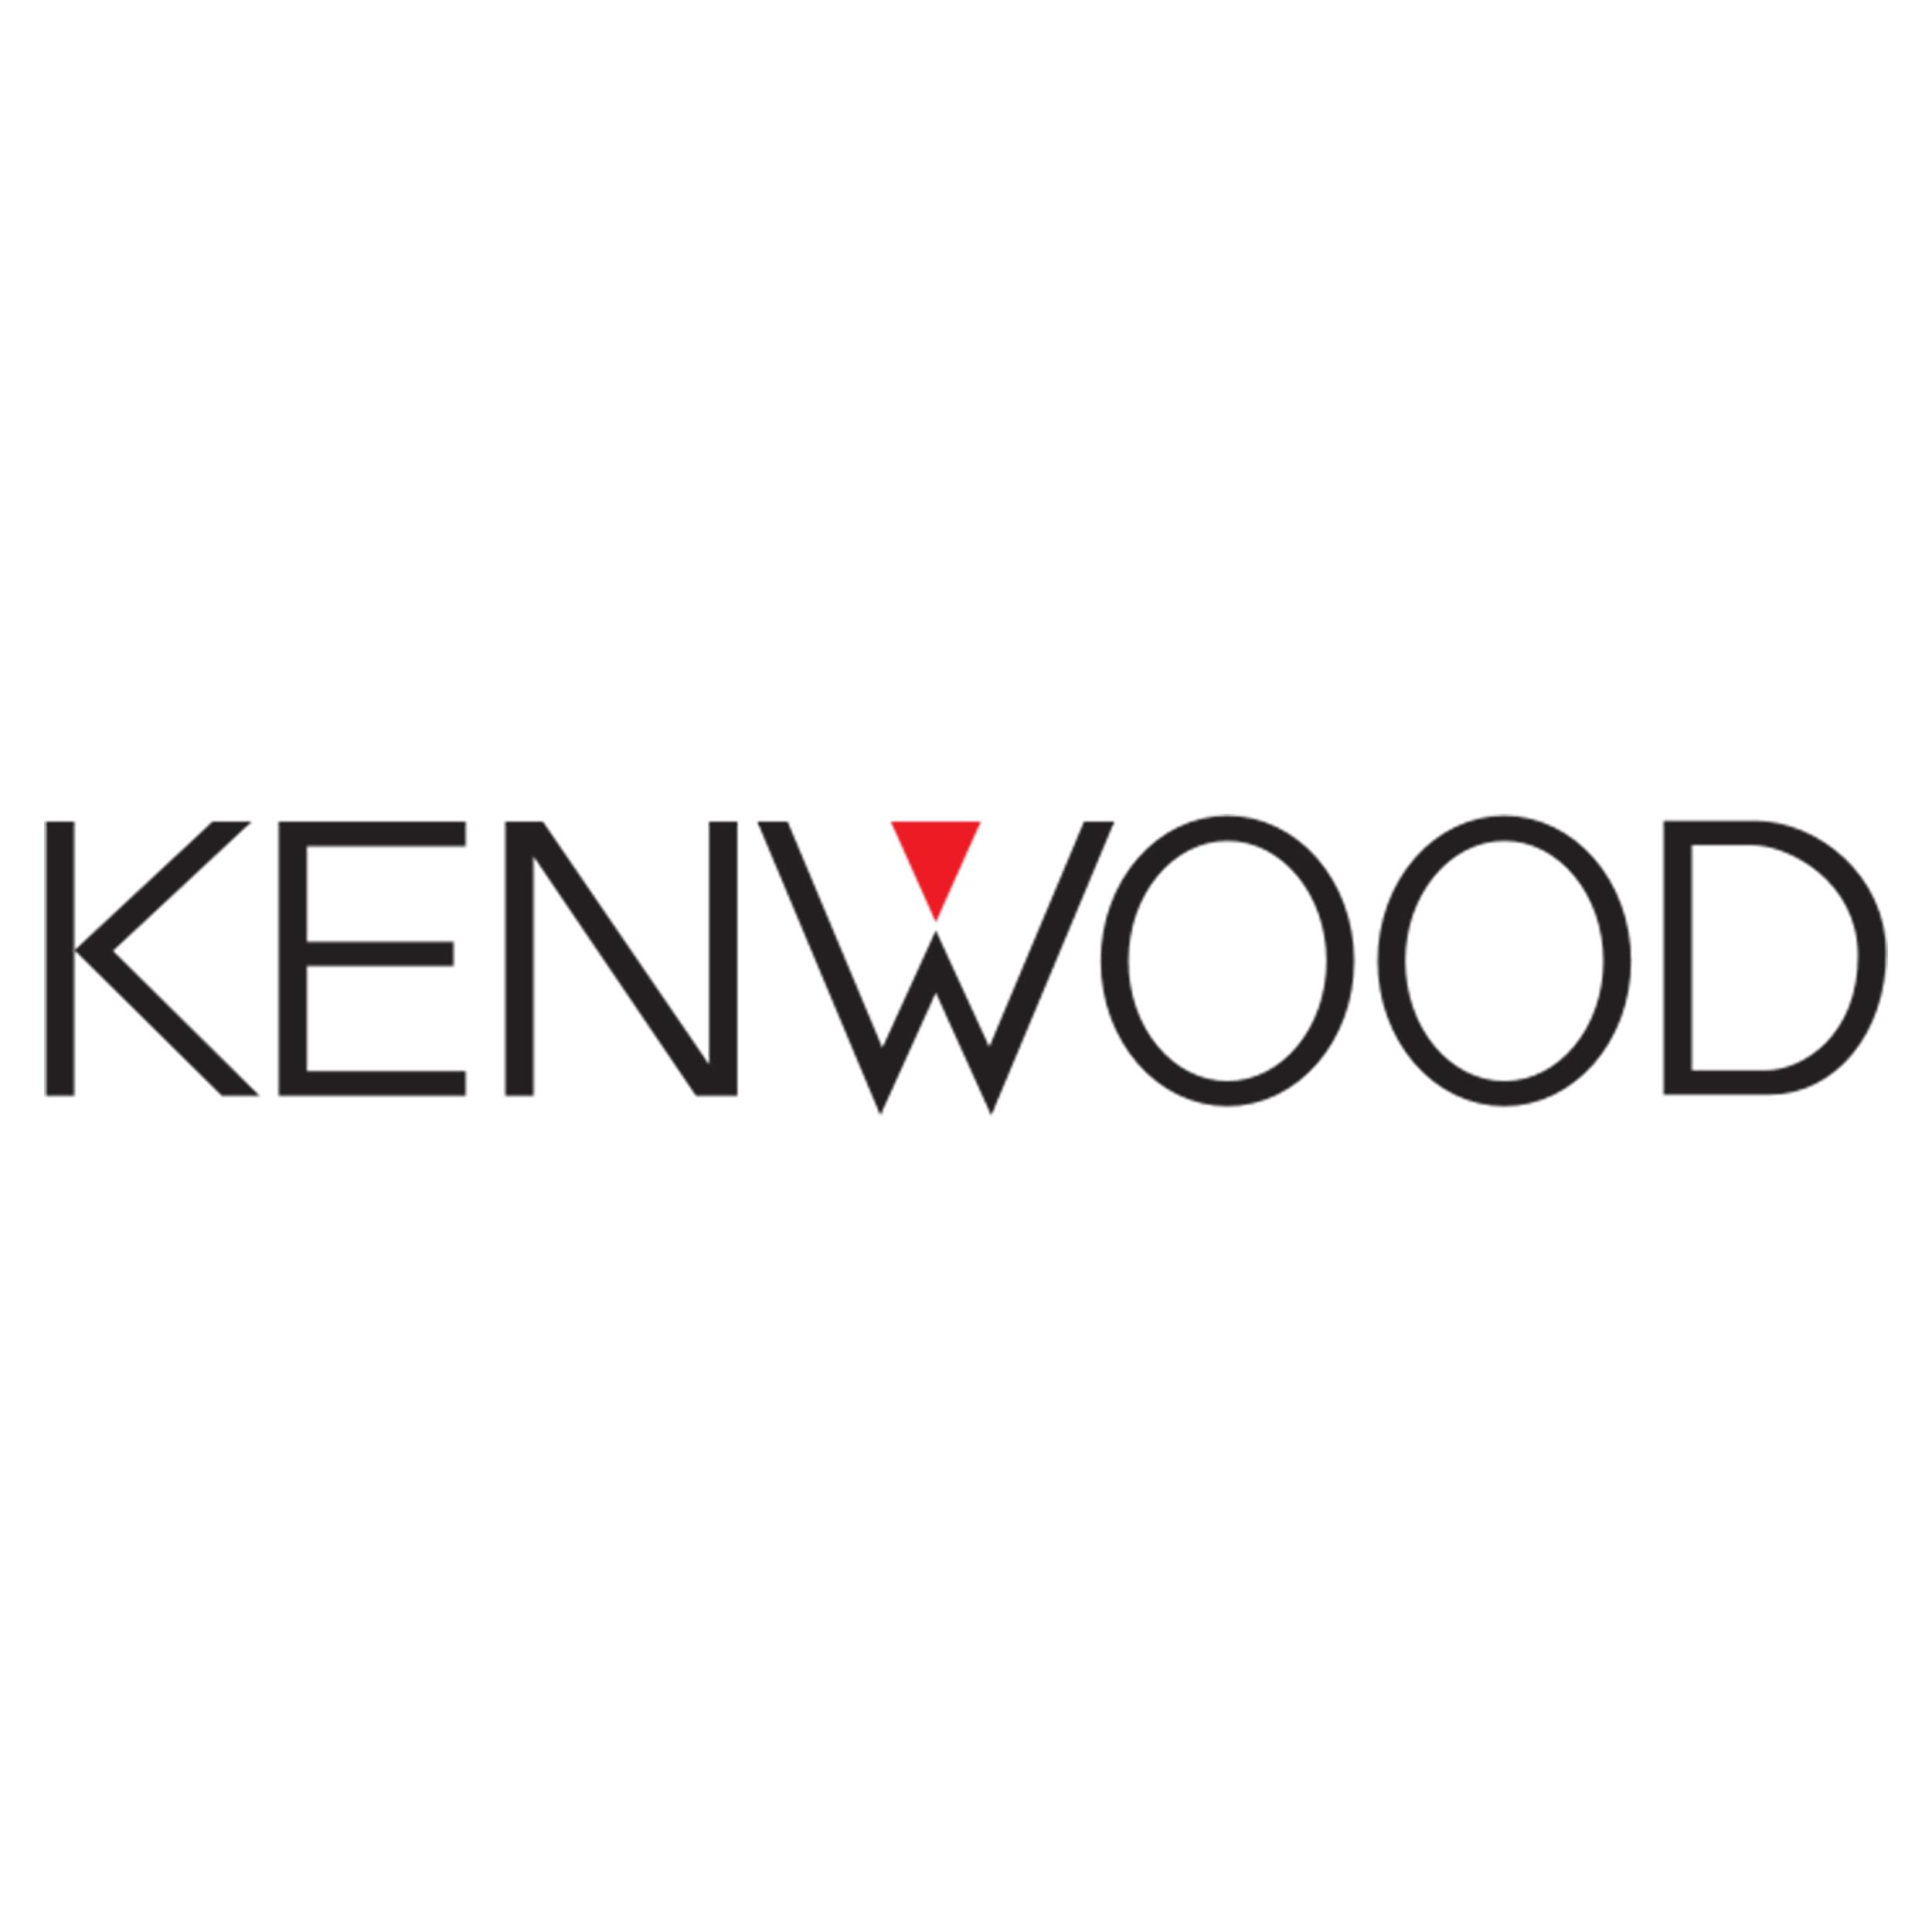 Kenwood Logo Square.jpg